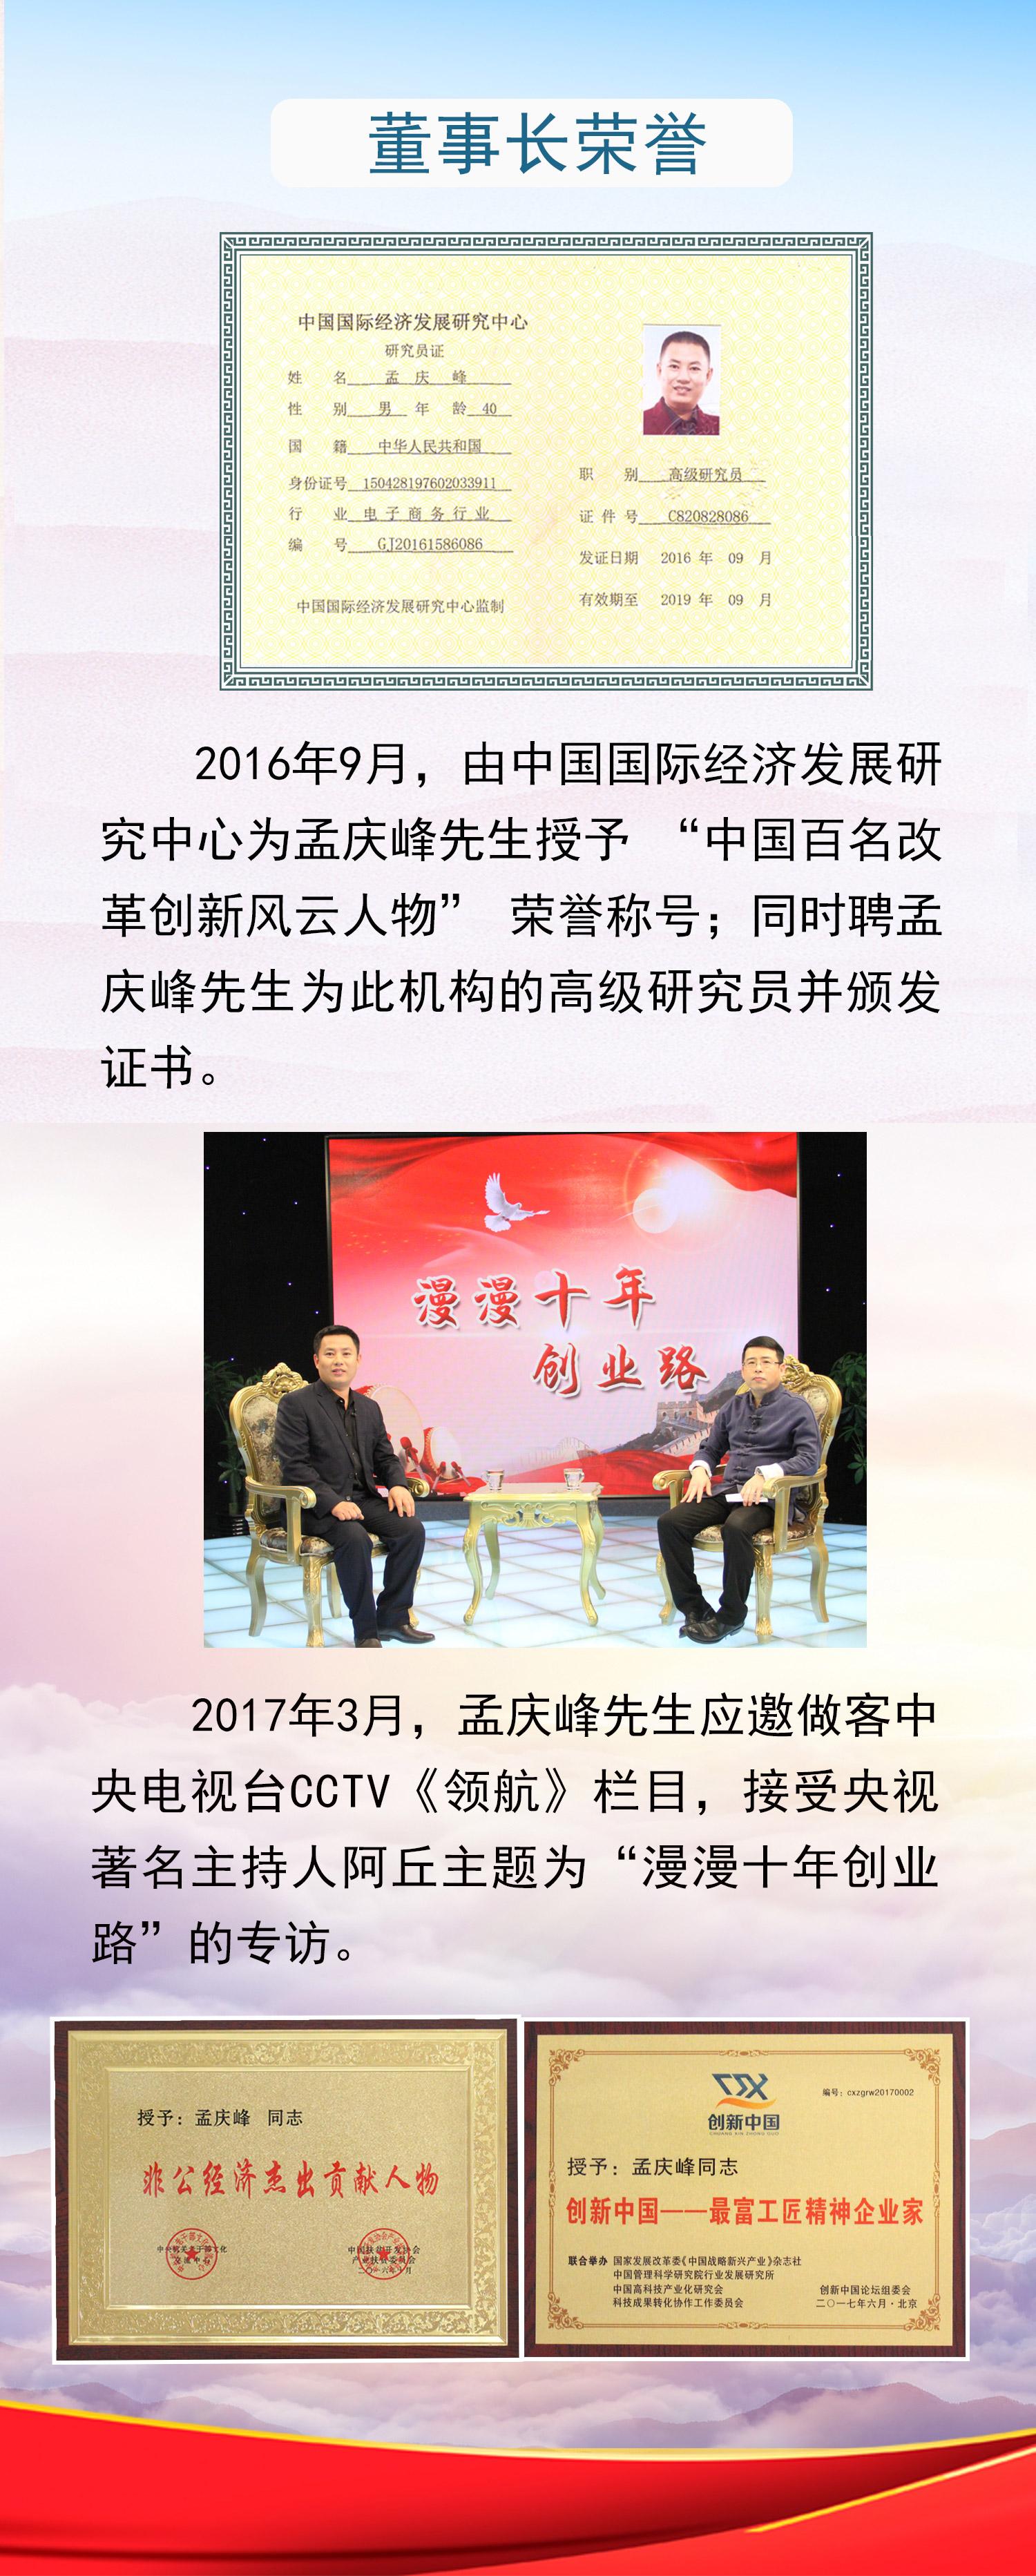 http://image.zhenyoufu.com.cn/shop/article/06711082925335610.jpg